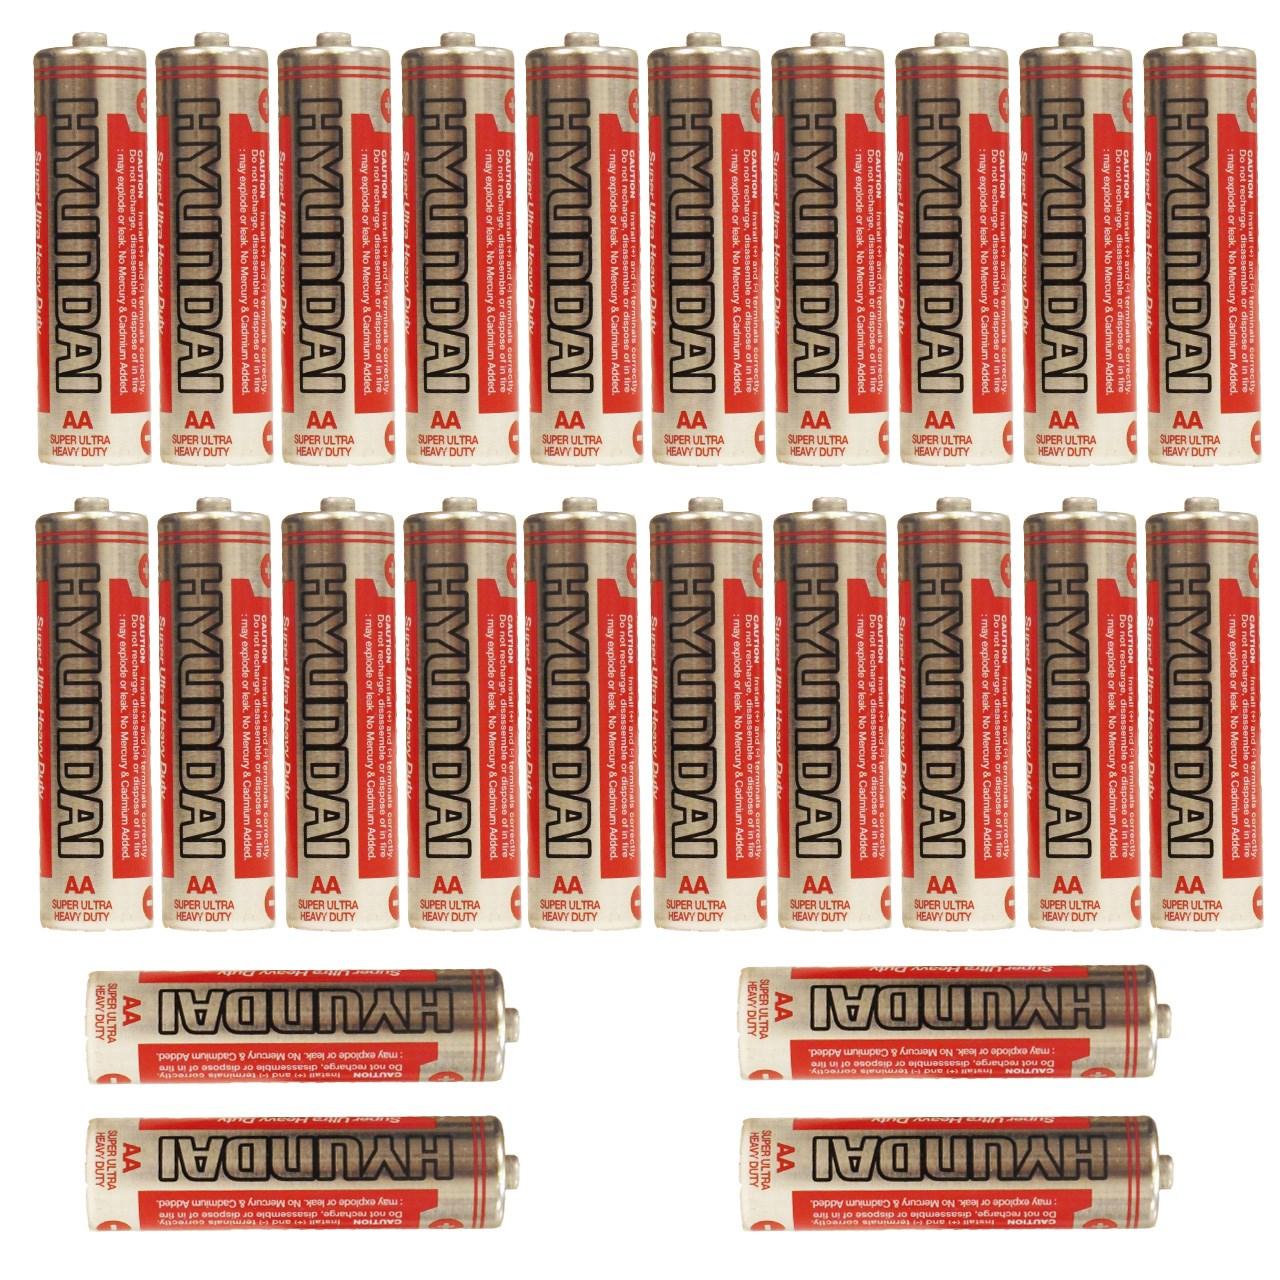 باتری قلمی هیوندای مدل Super Ultra Heavy Duty بسته 24 عددی